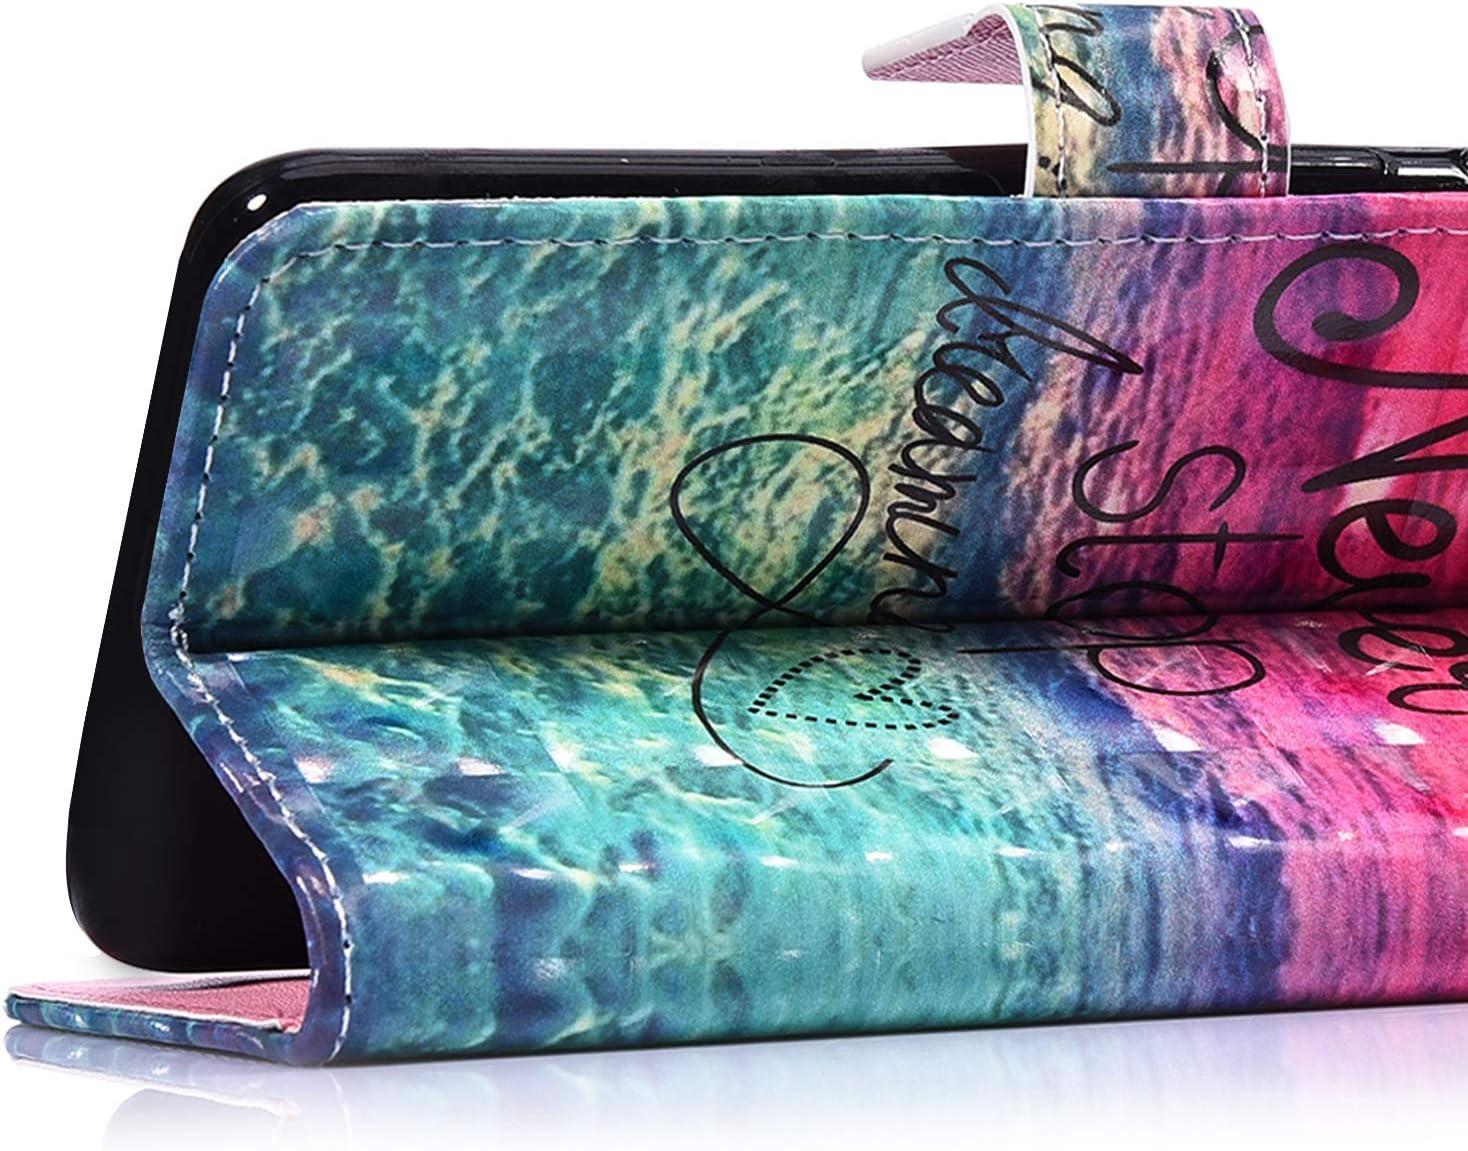 Saceebe Compatible avec Samsung Galaxy Note 10 Pro Coque en PU Cuir Etui /à Rabat Fille Bling Glitter 3D Motif Color/és Housse Pochette Portefeuille Flip Case Magn/étique Stand de Protection,Ciel